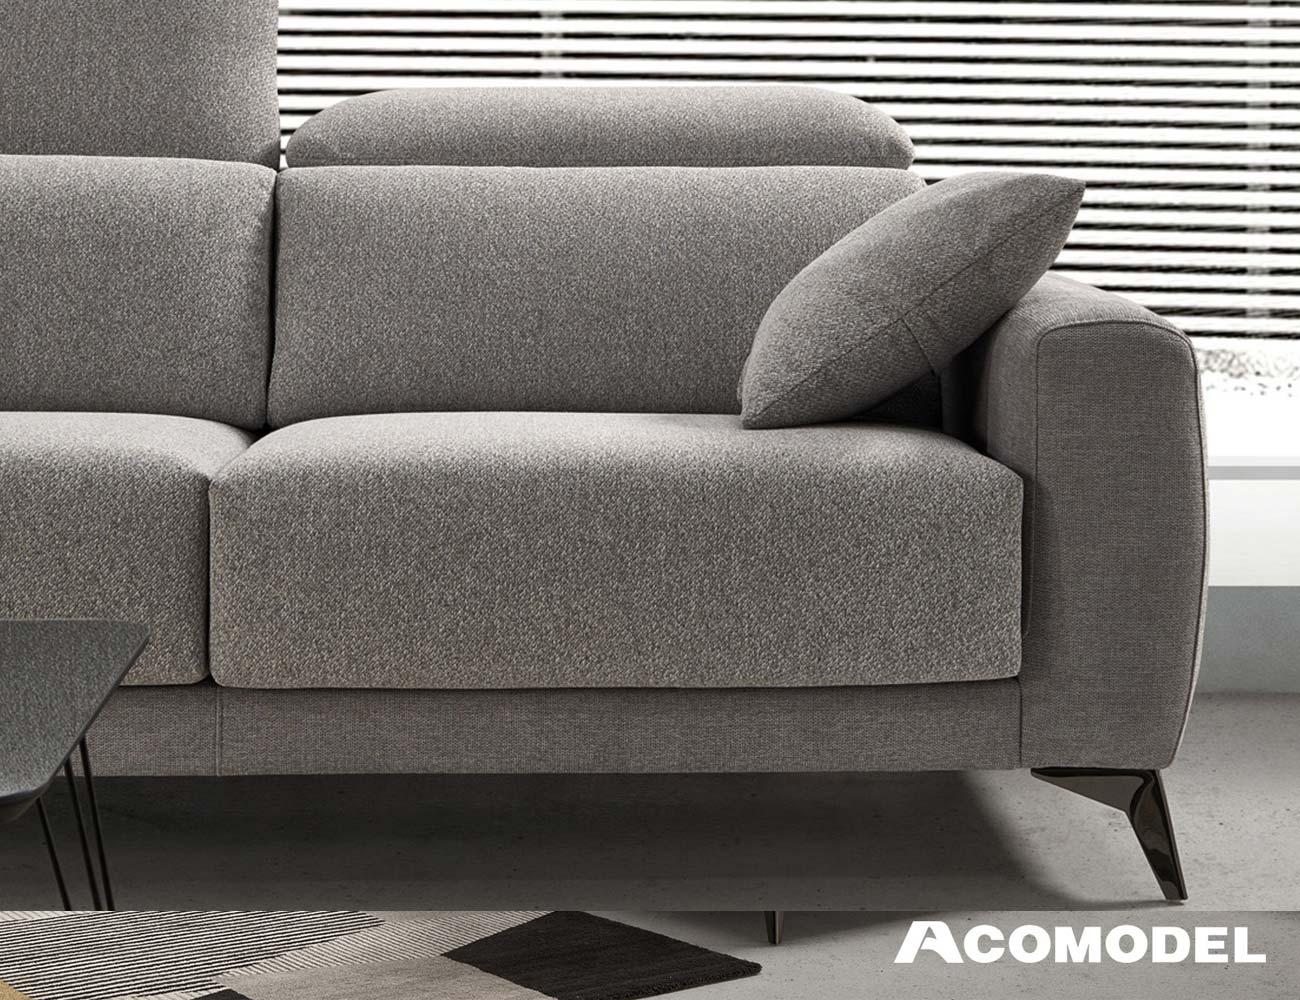 Sofa lian acomodel 2